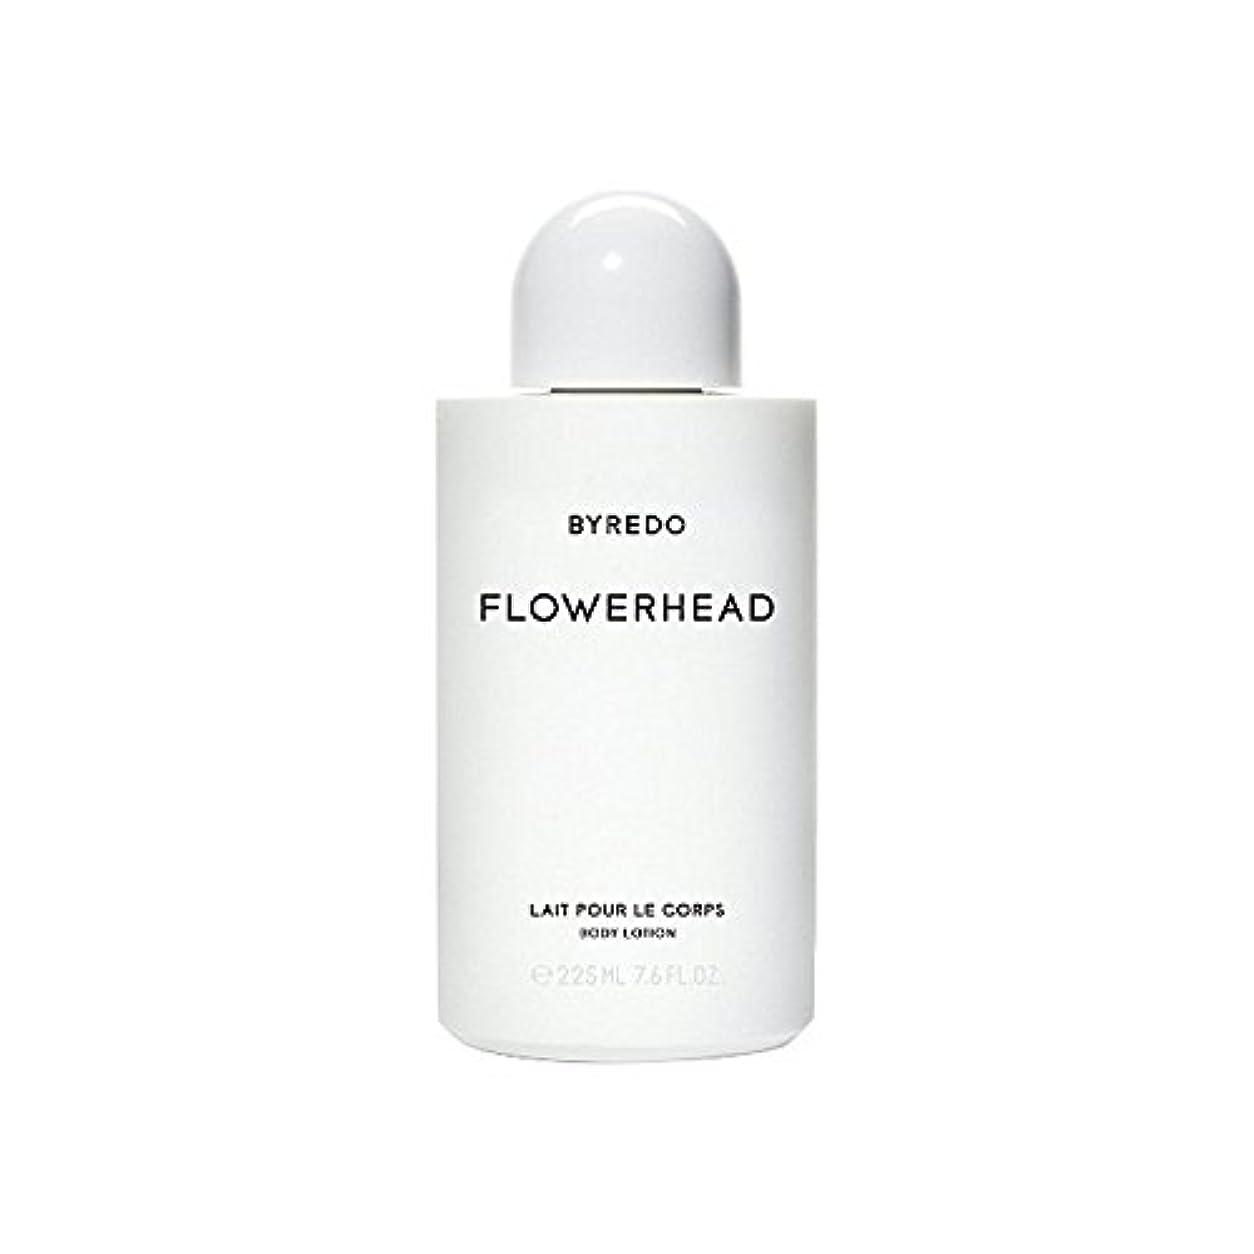 香水トランザクション中間ボディローション225ミリリットル x2 - Byredo Flowerhead Body Lotion 225ml (Pack of 2) [並行輸入品]